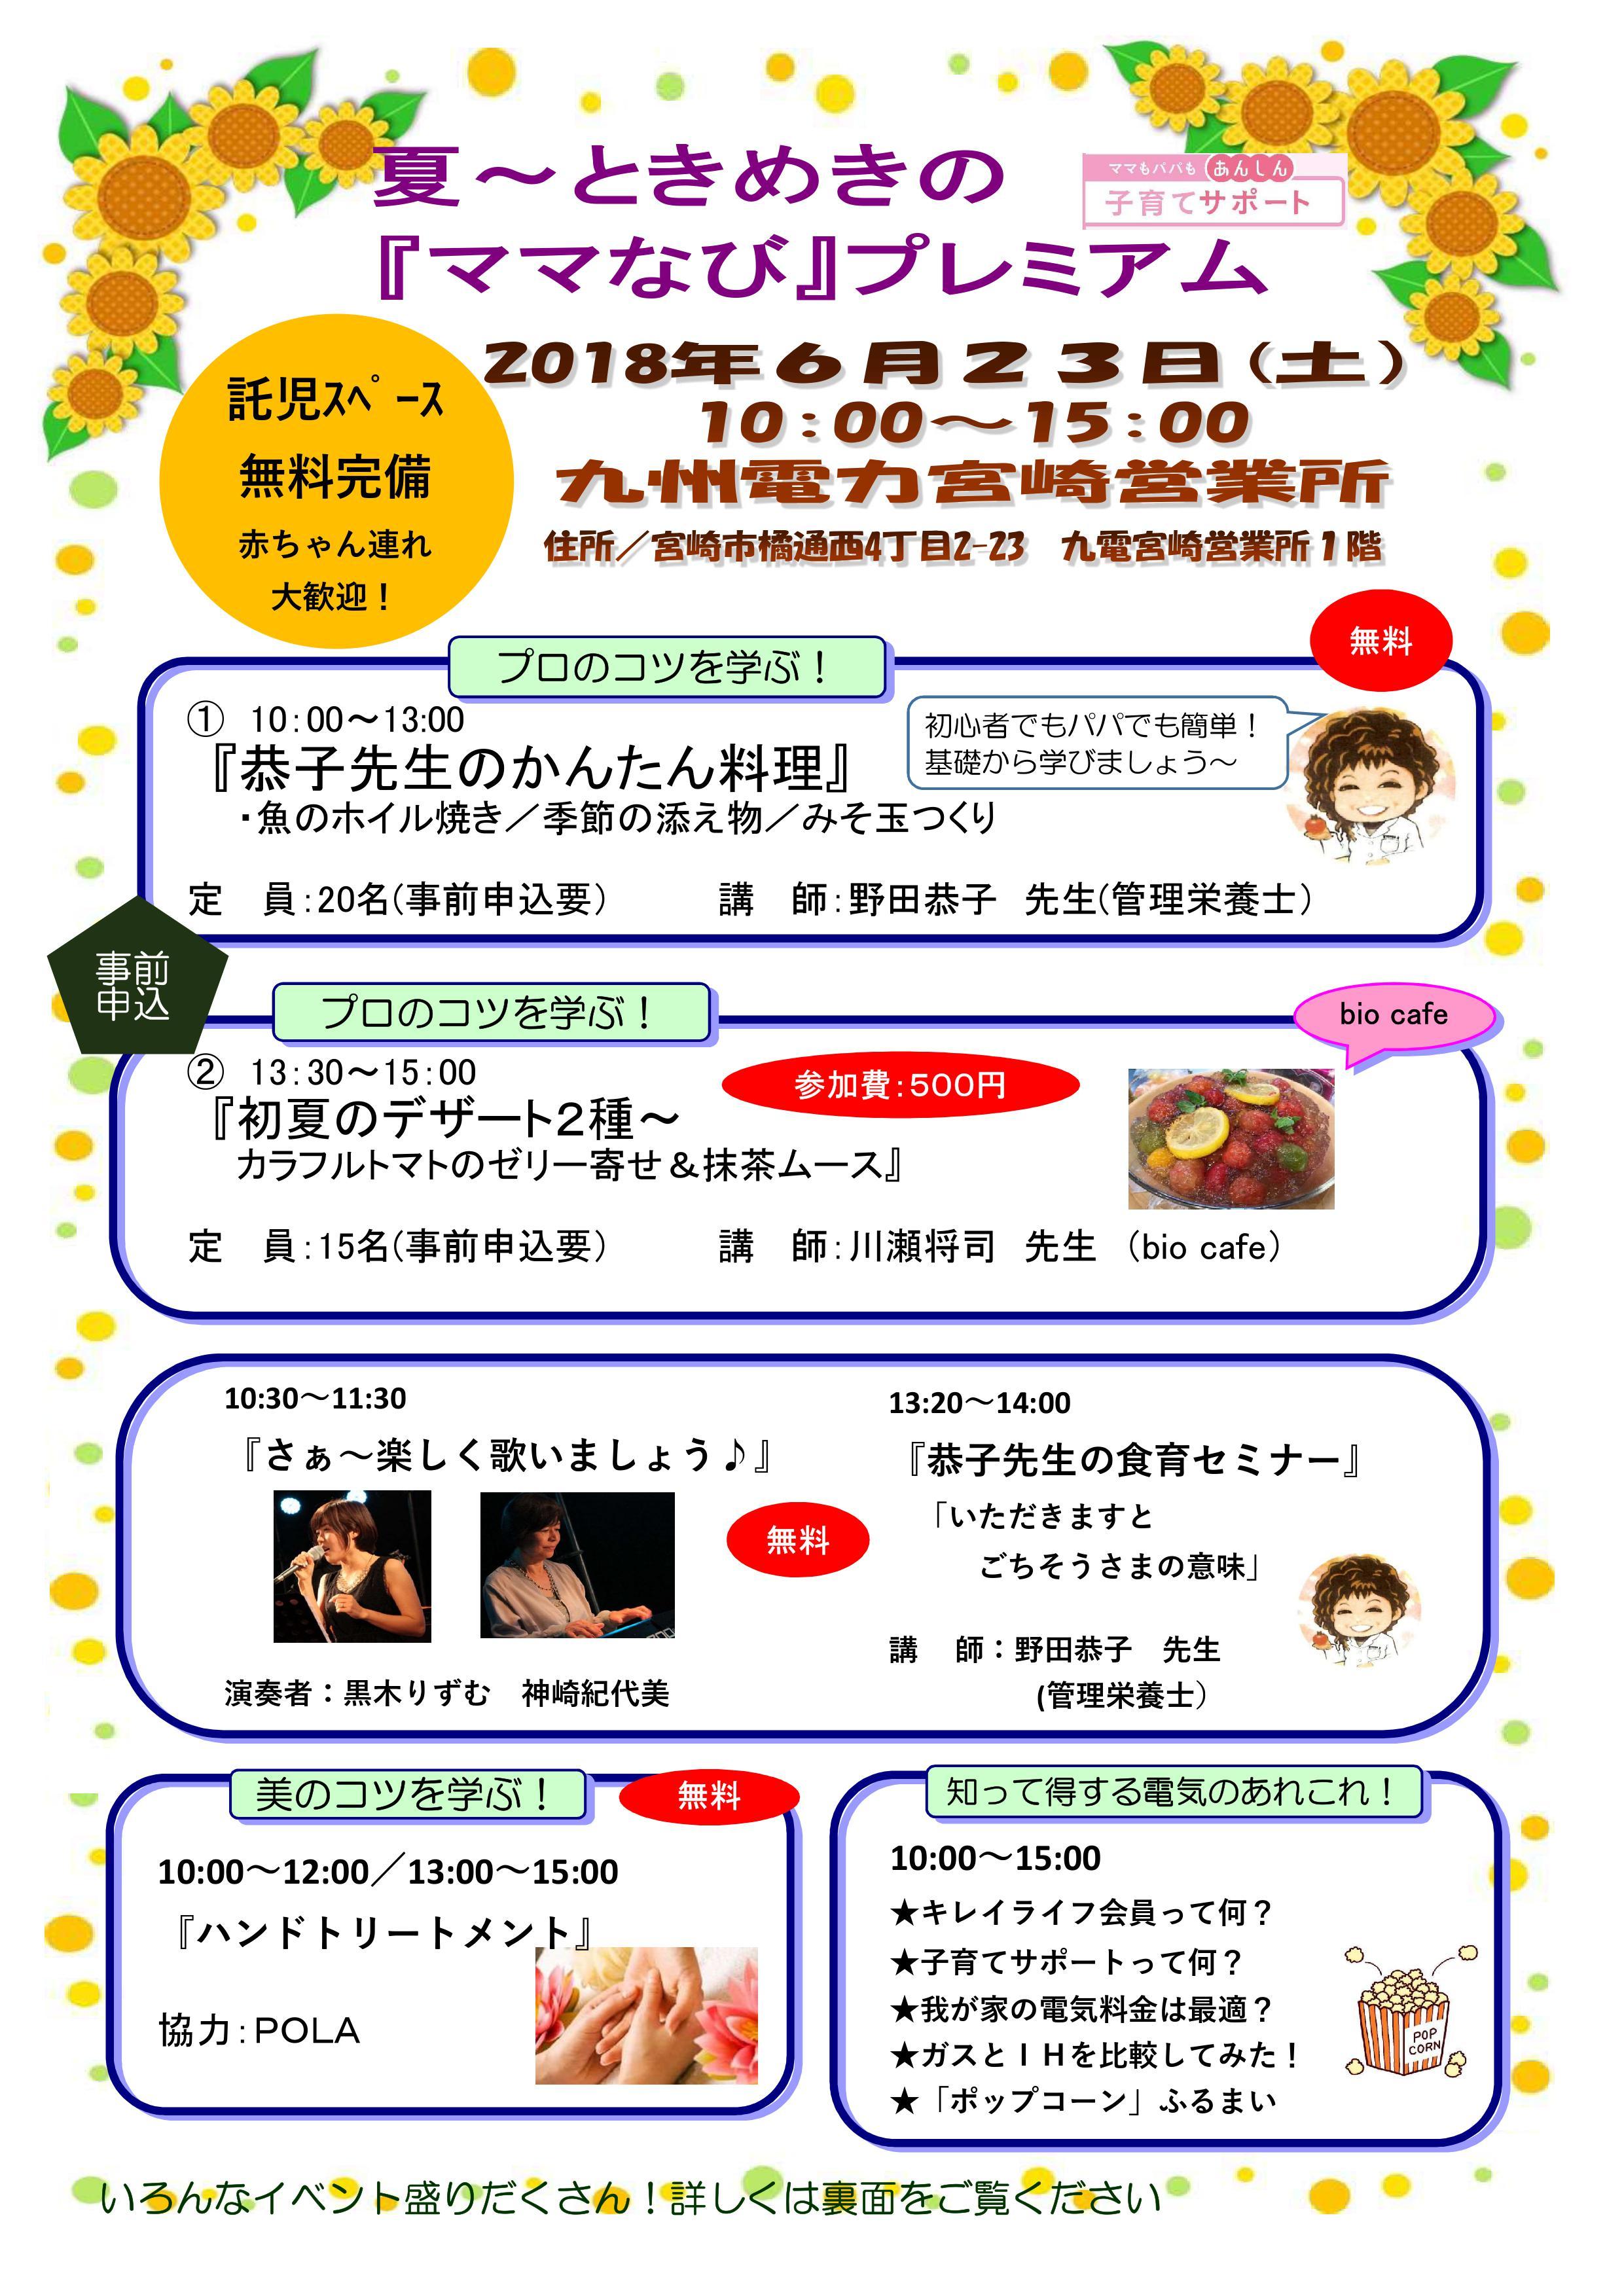 九州電力で料理教室と食育セミナー